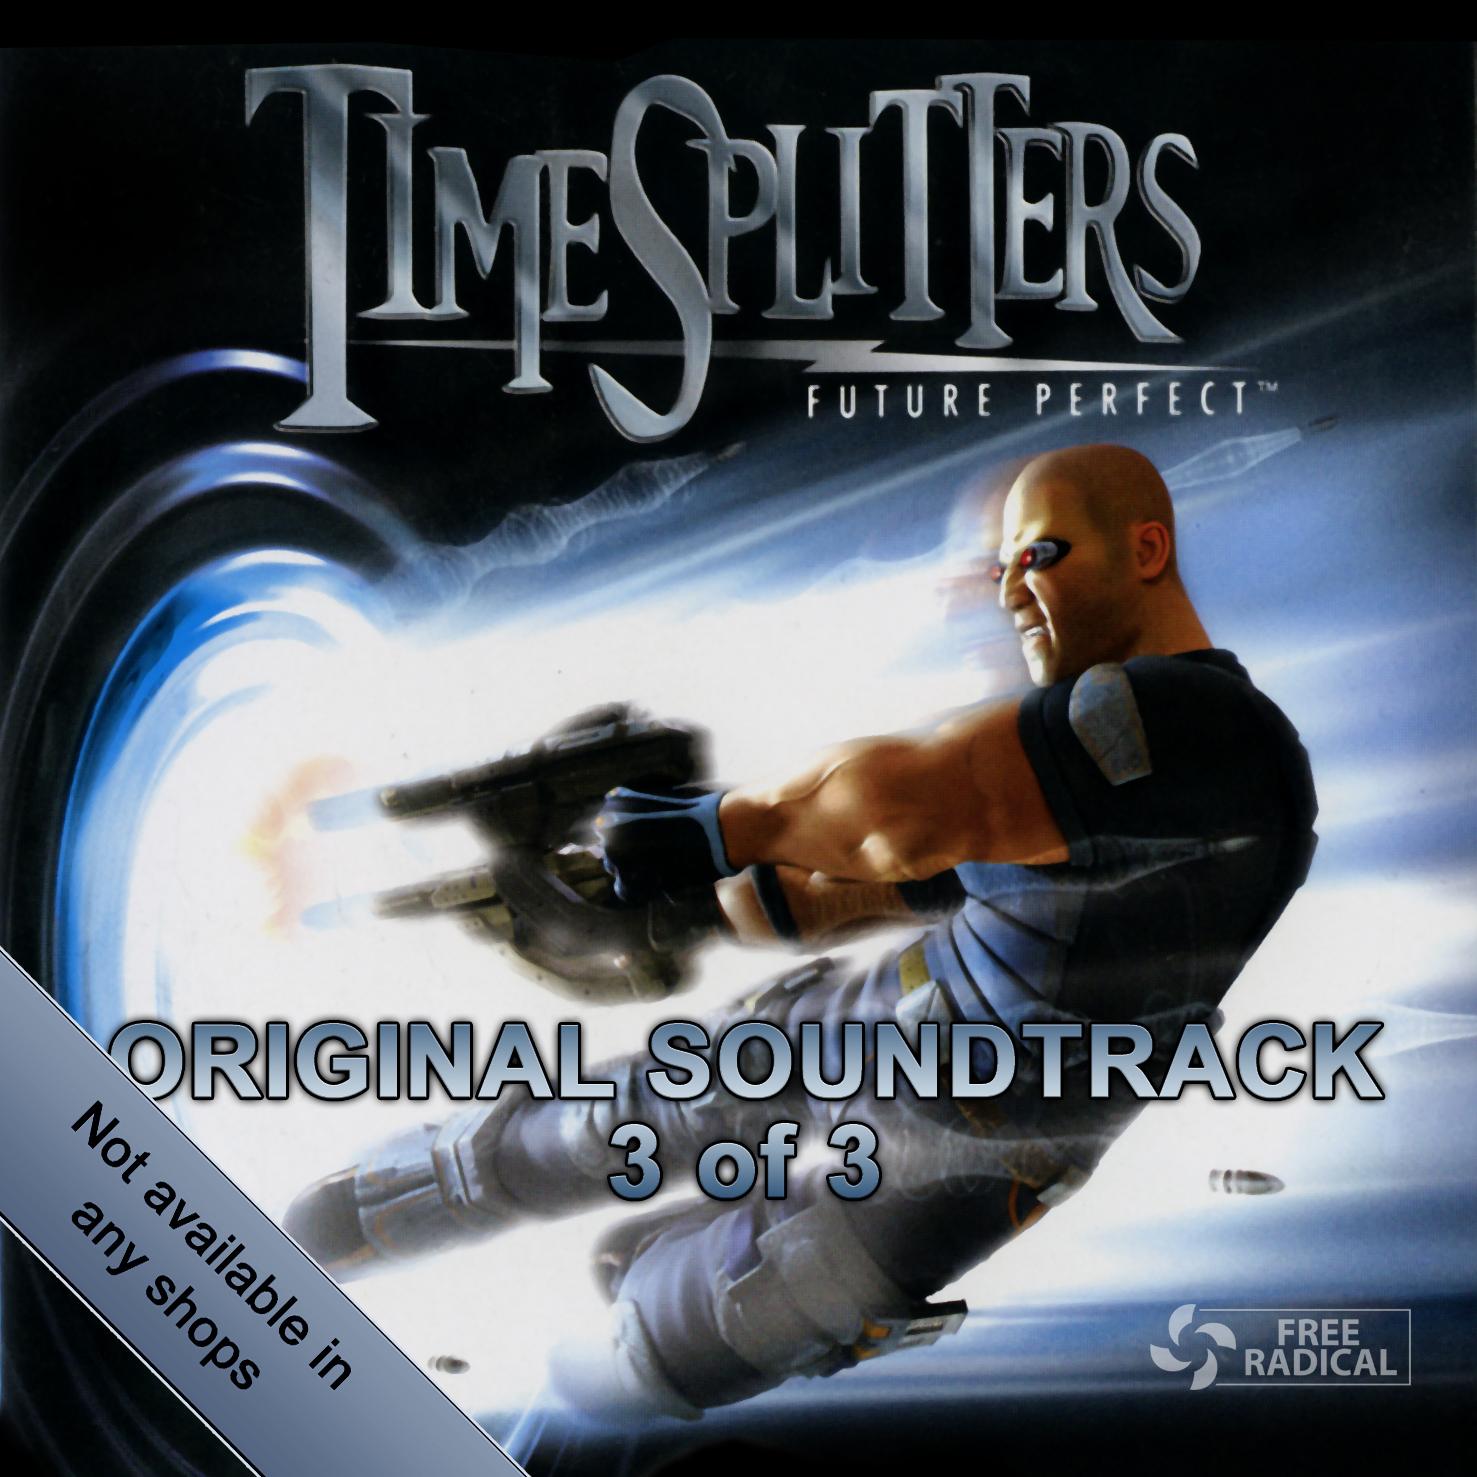 Timesplitters Future Perfect Original Soundtrack